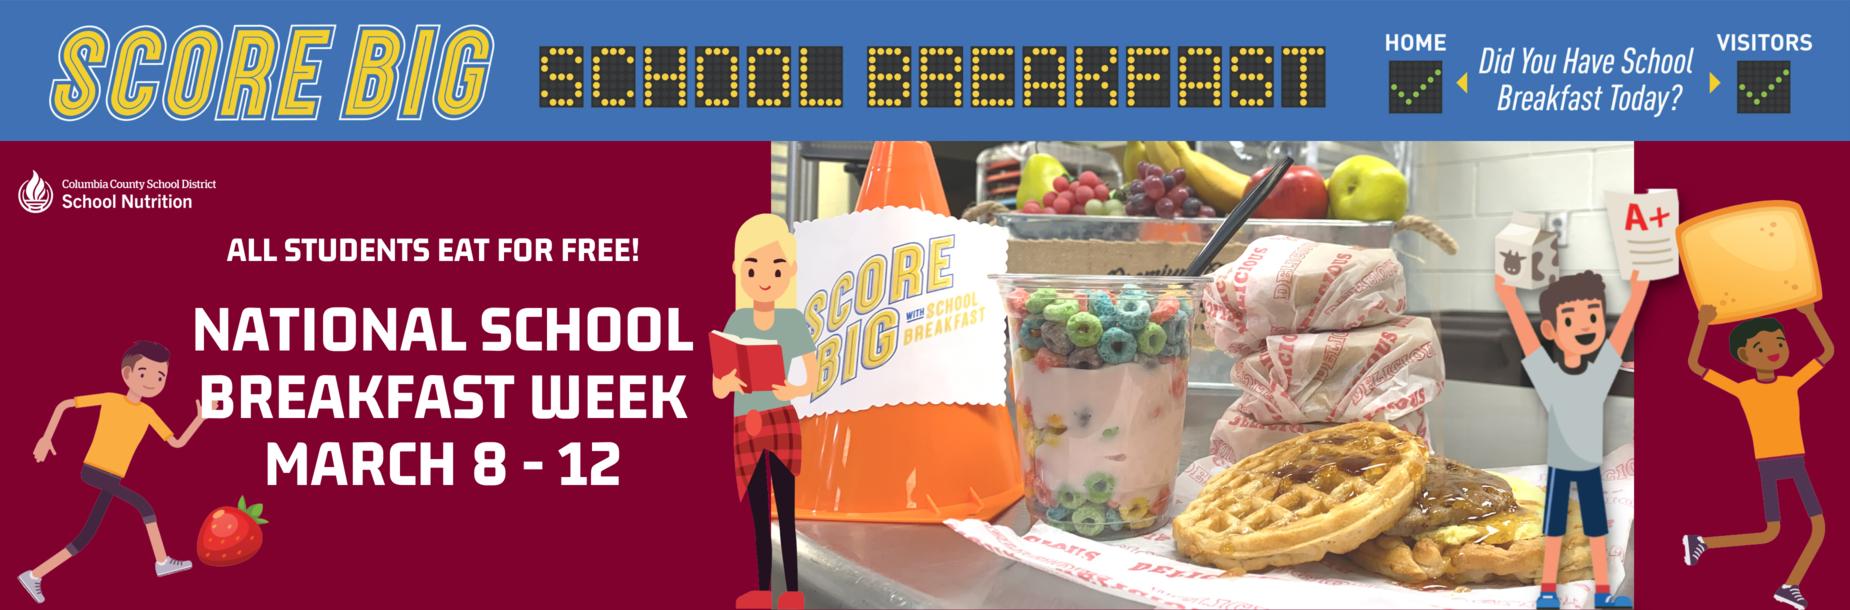 National Breakfast week 3/8-3/12